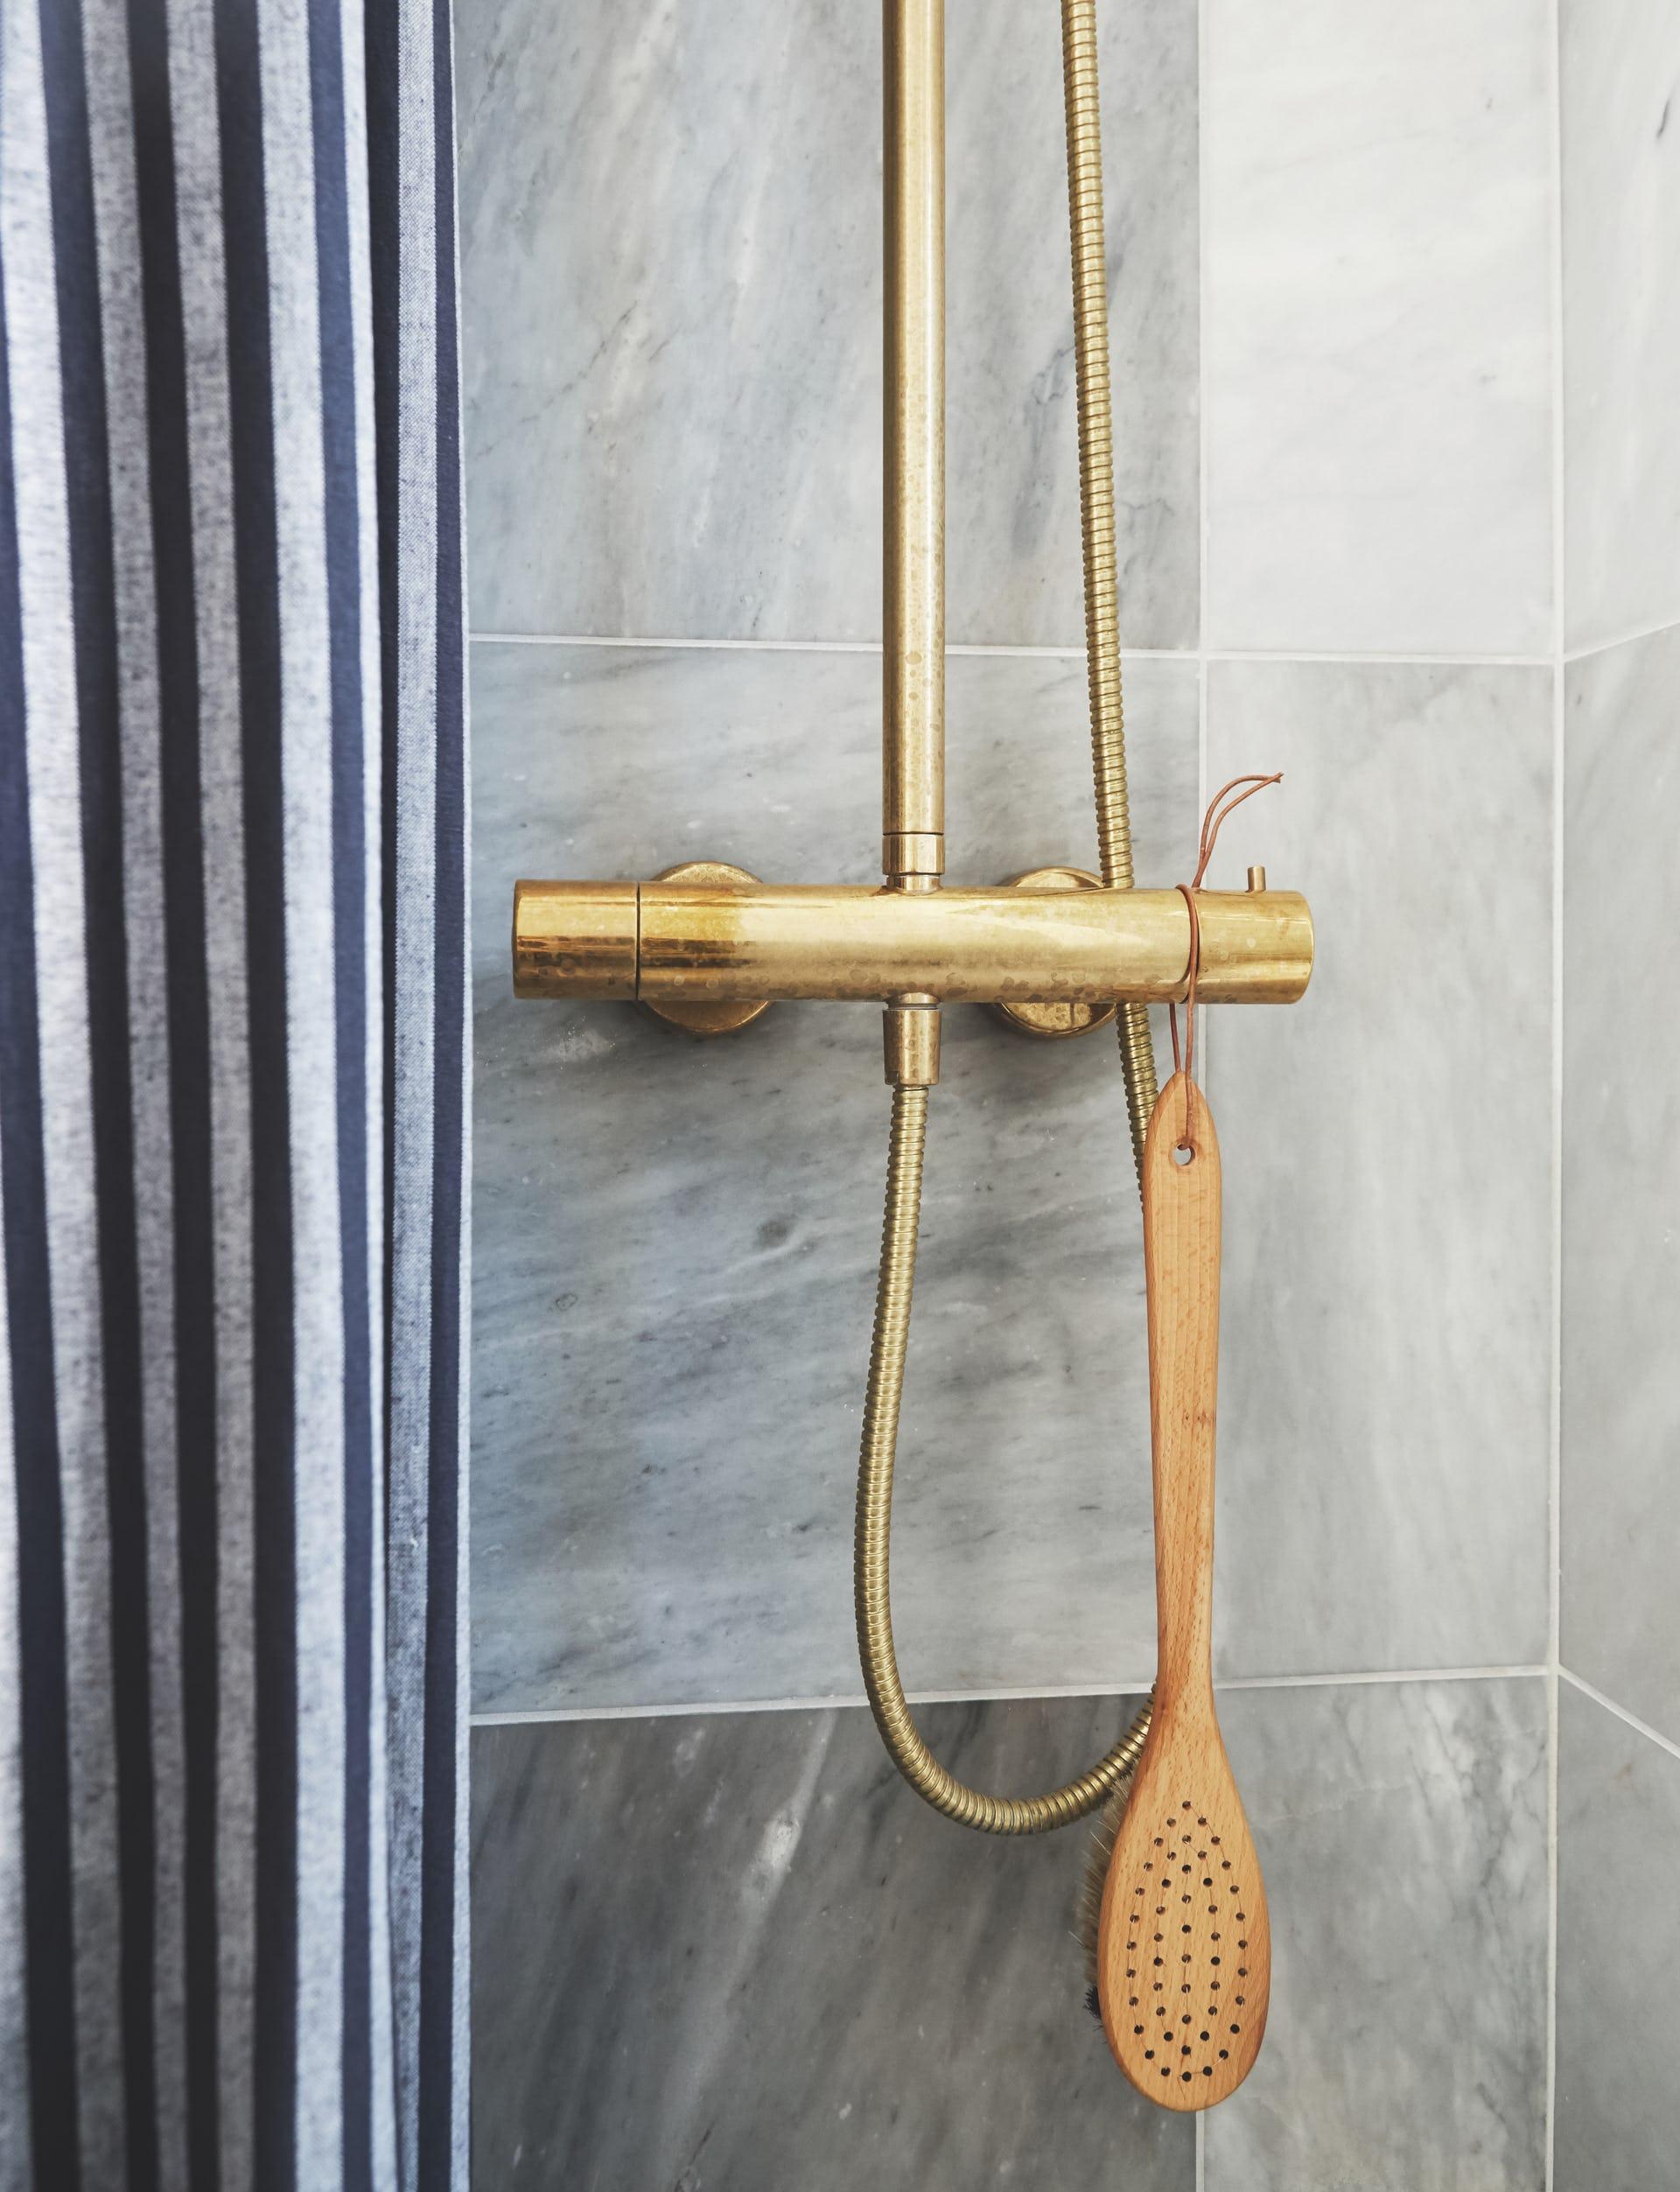 cải tạo nhà tắm thành spa tại gia elledecoration vn 2